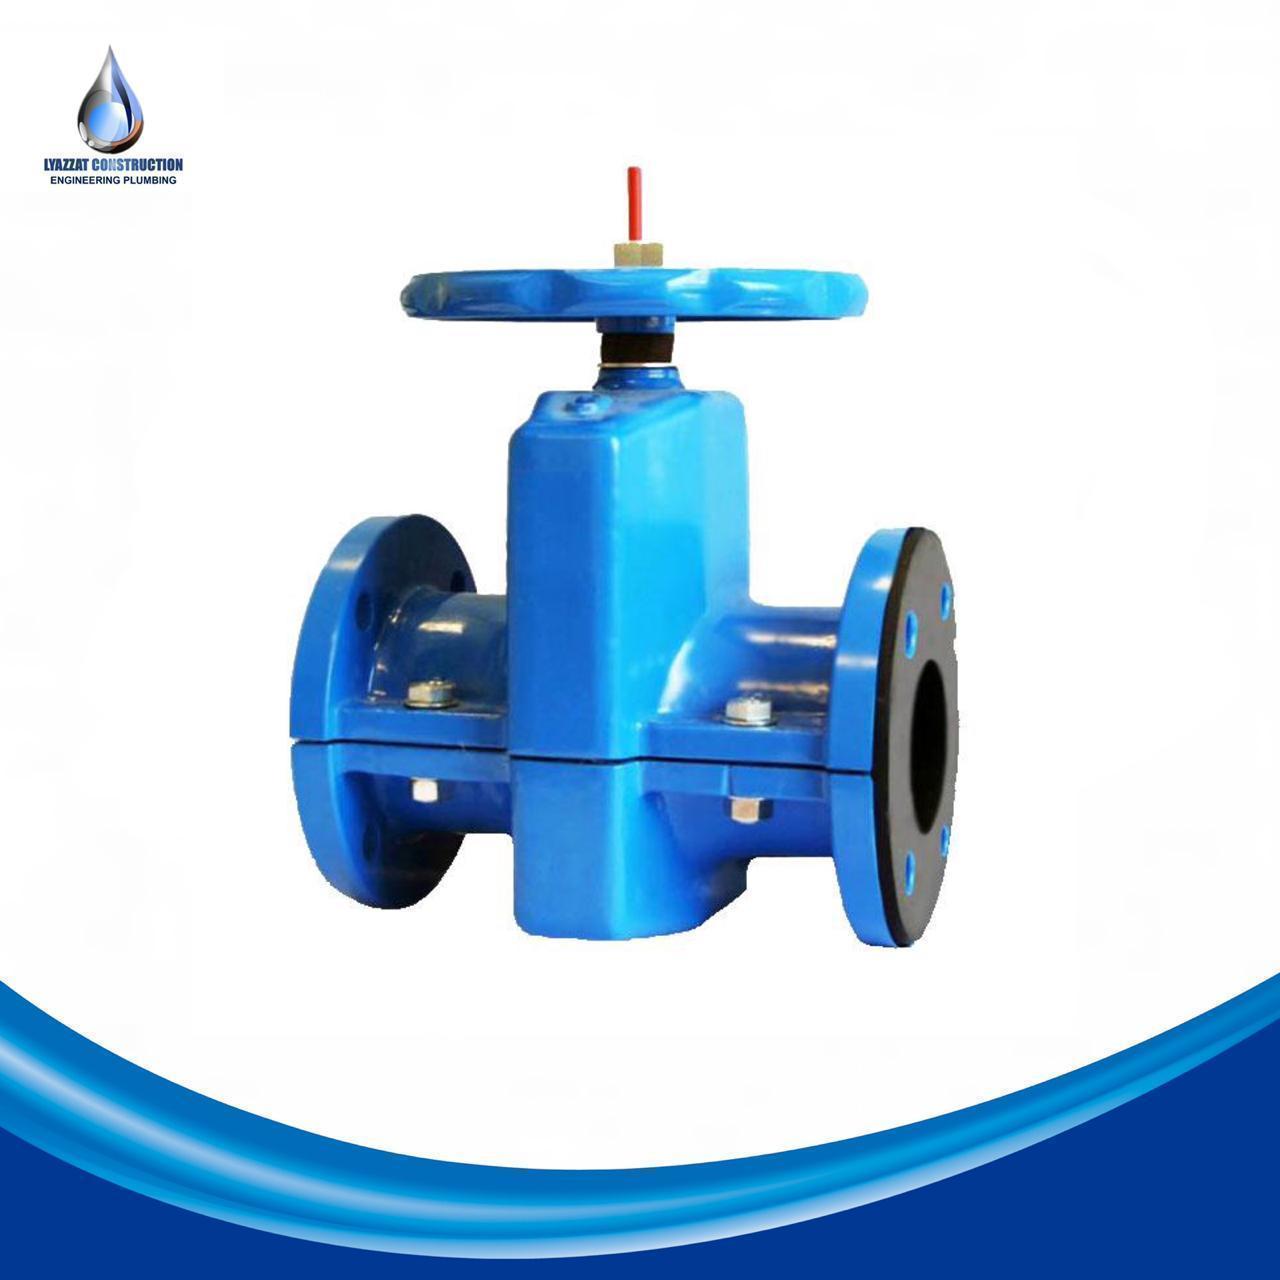 Задвижка шланговая 33а17р (П 98036) DN 200 мм PN 6 кгс/см2